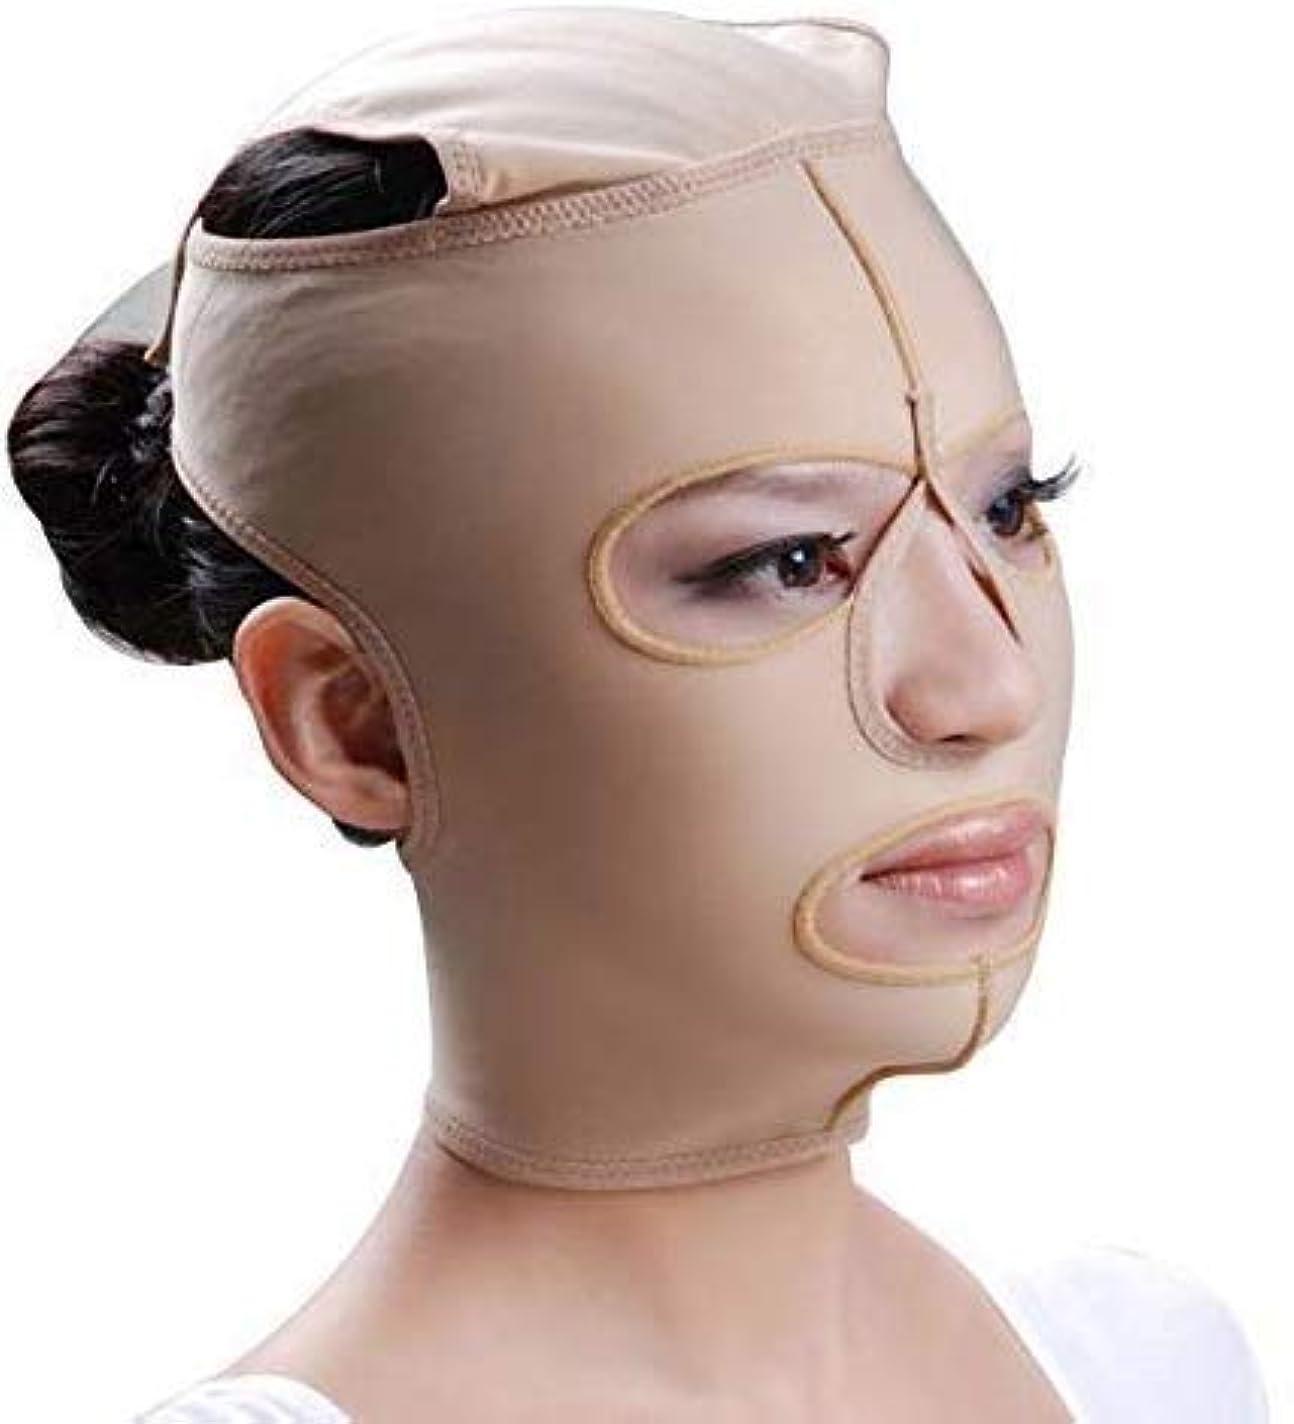 アベニューマラドロイトまどろみのある美容と実用的な引き締めフェイスマスク、フェイシャルマスク弾性フェイスリフティングリフティング引き締めパターンマイクロ仕上げポストモデリングコンプレッションフェイスマスク(サイズ:S)